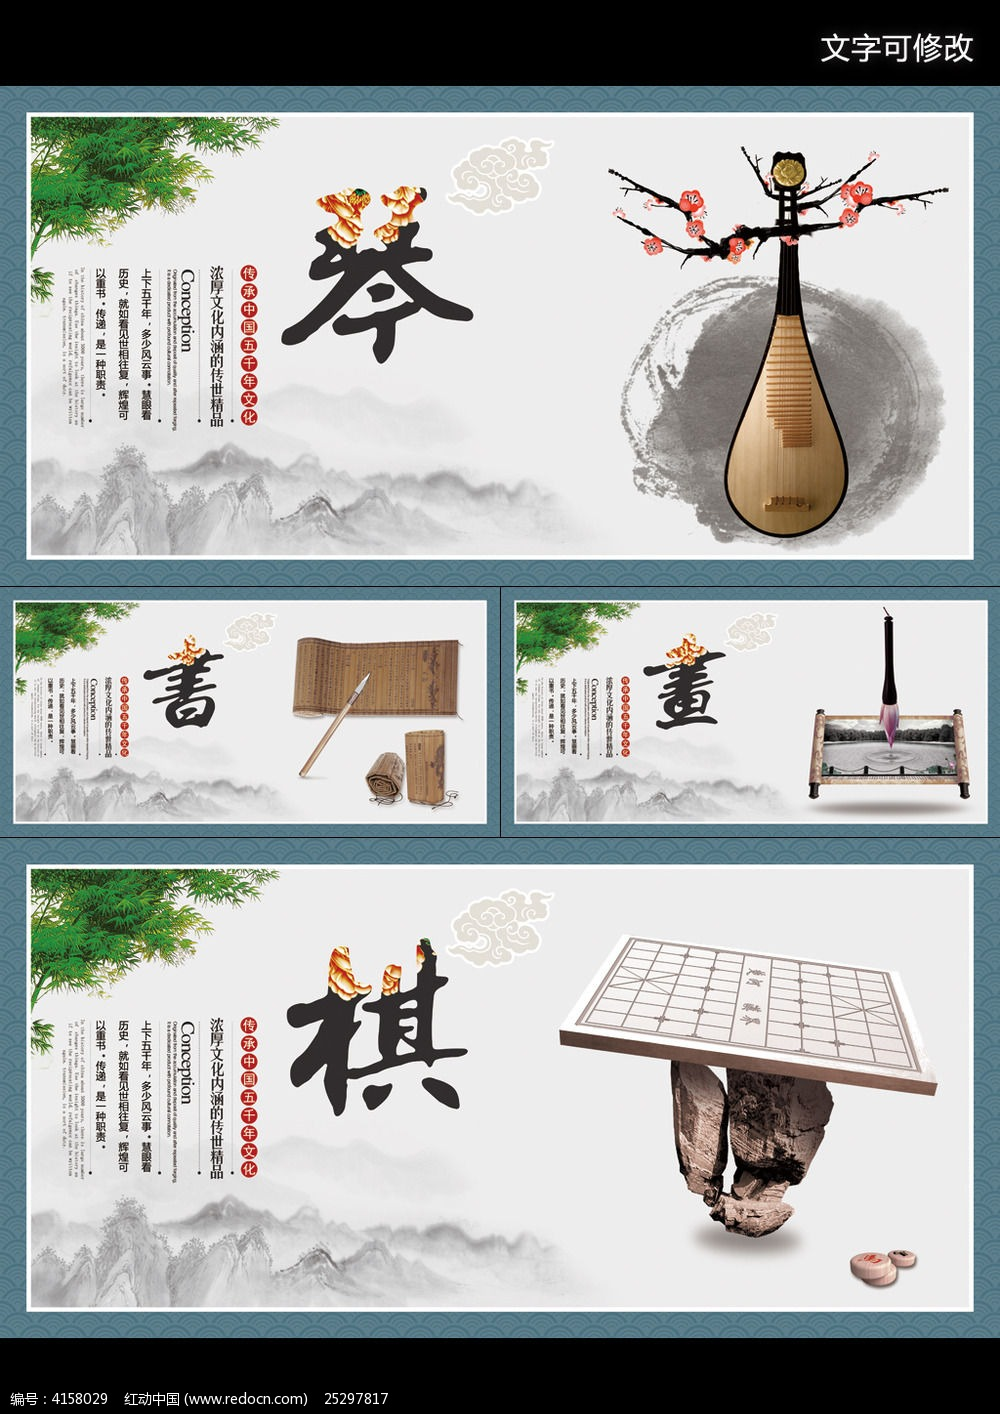 中国风琴棋书画展板设计图片